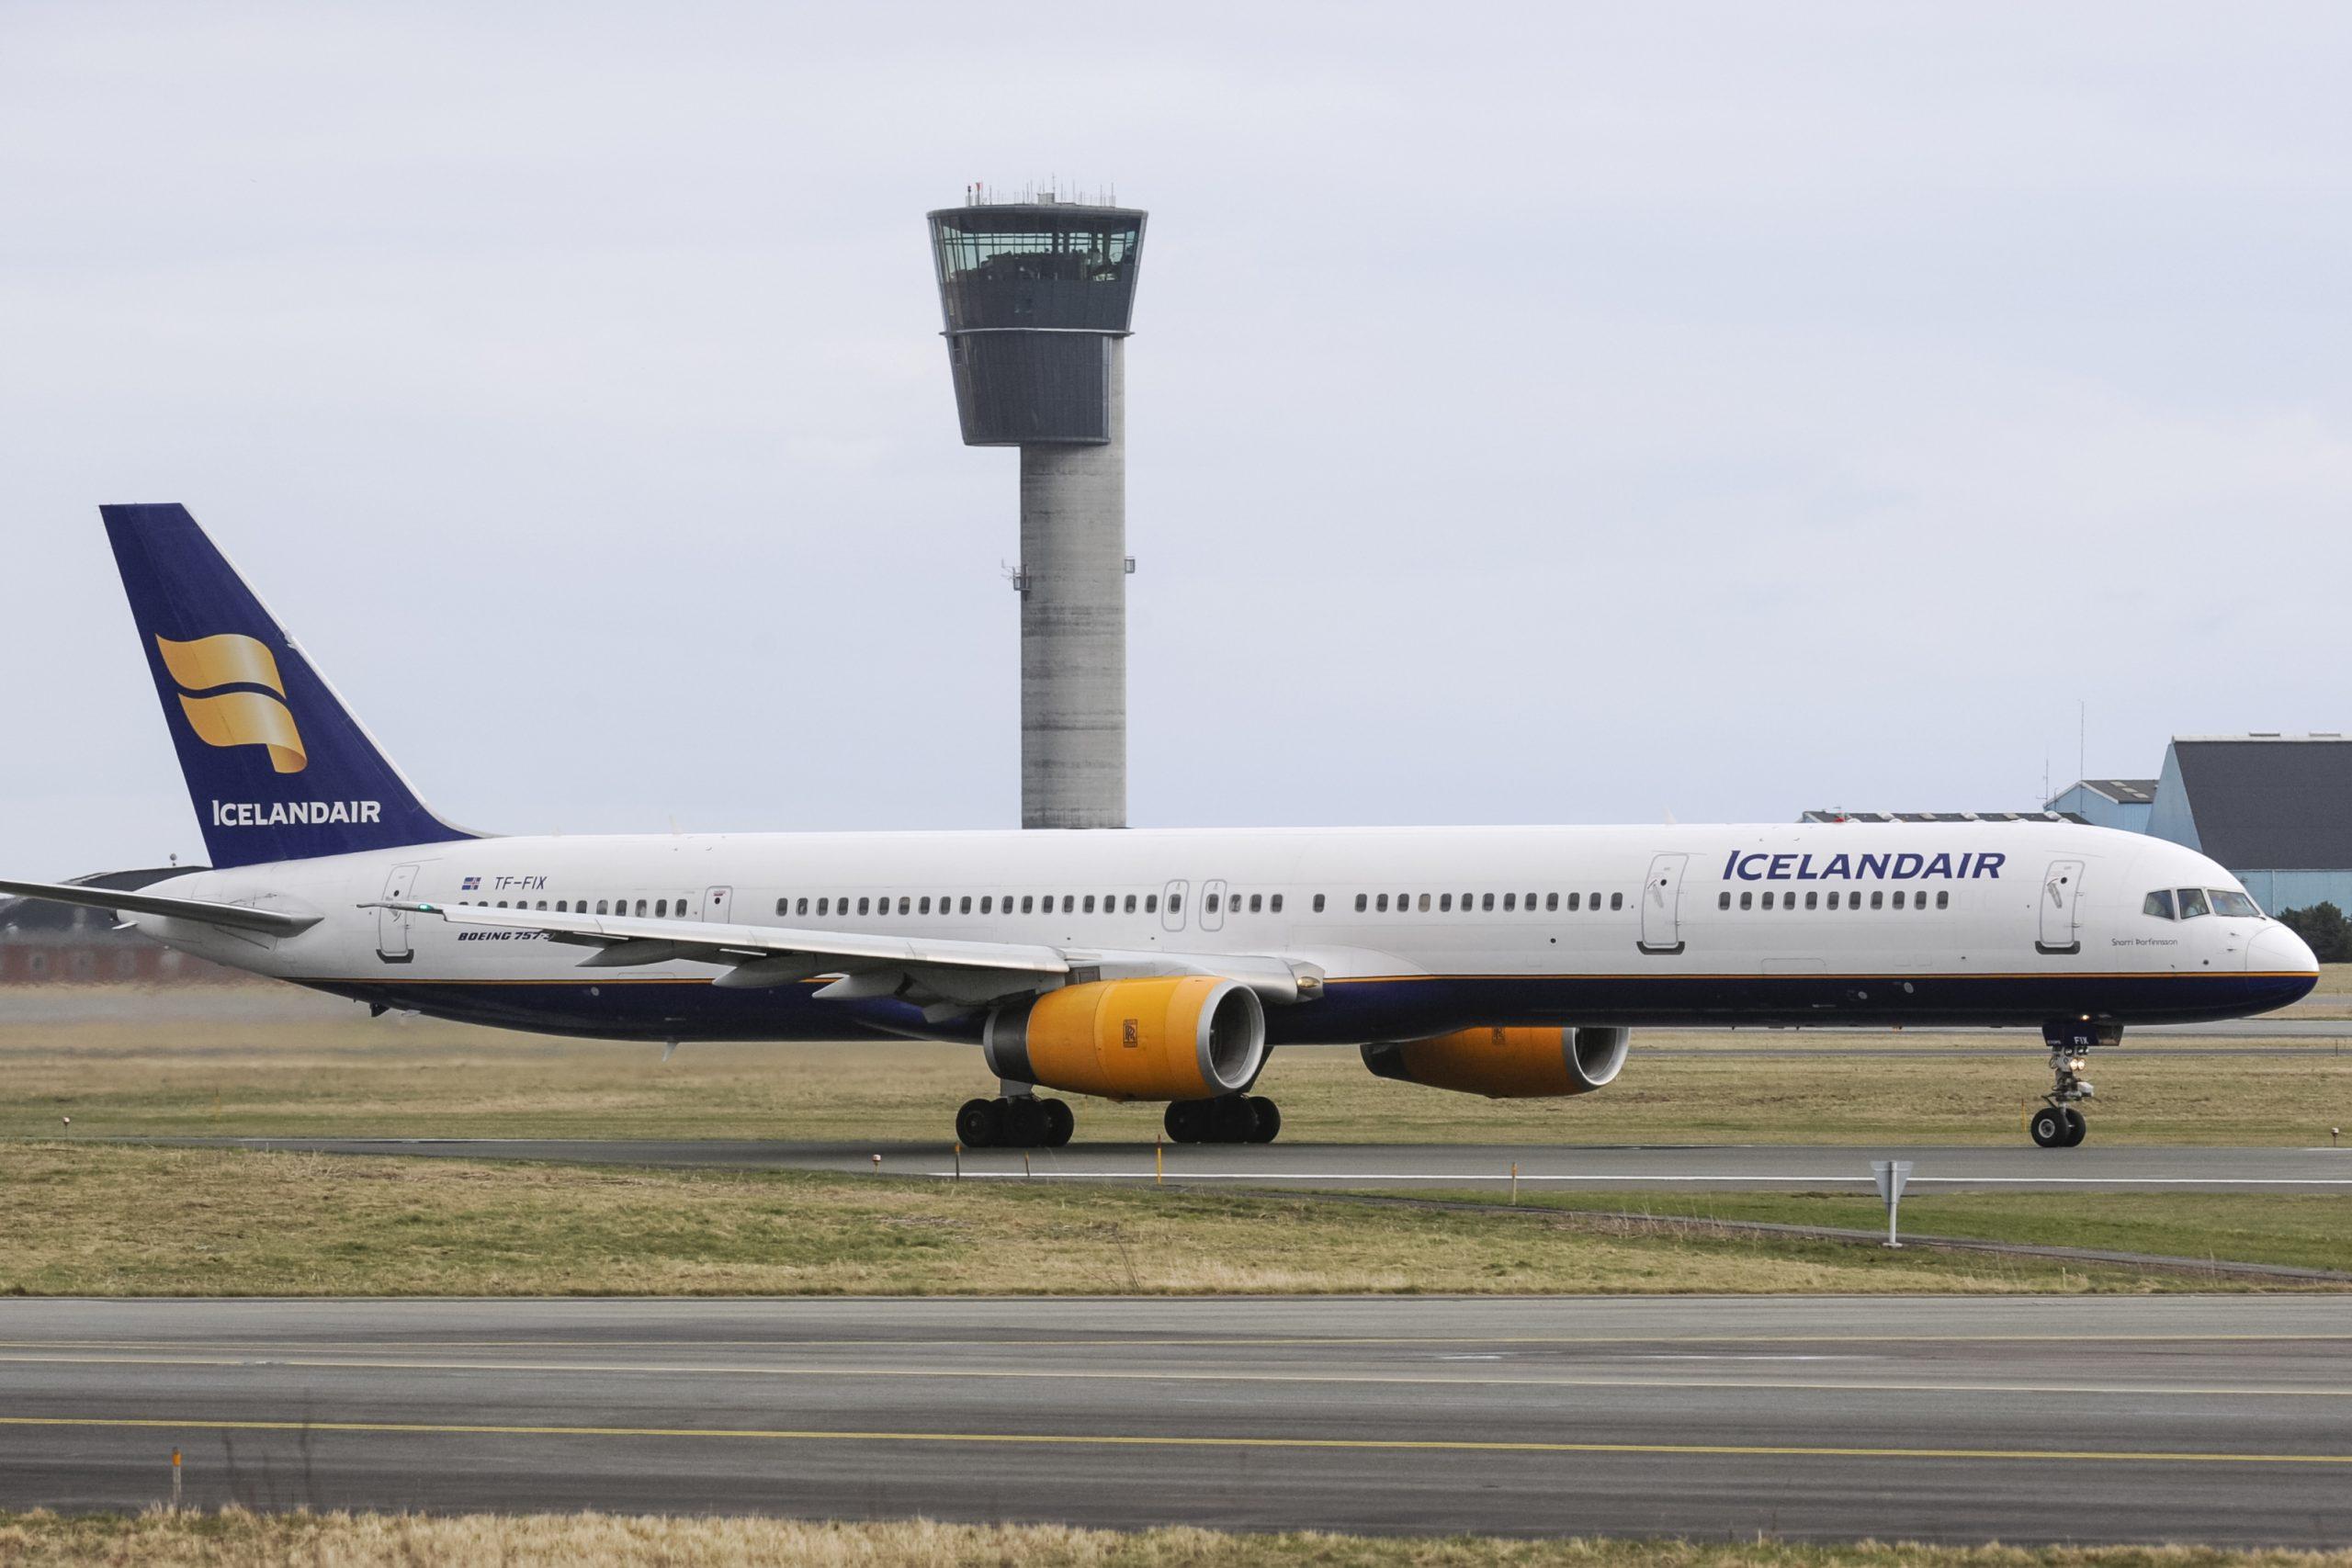 Boeing 757-300 fra Icelandair i Københavns Lufthavn. (Arkivfoto: © Thorbjørn Brunander Sund | Danish Aviation Photo)